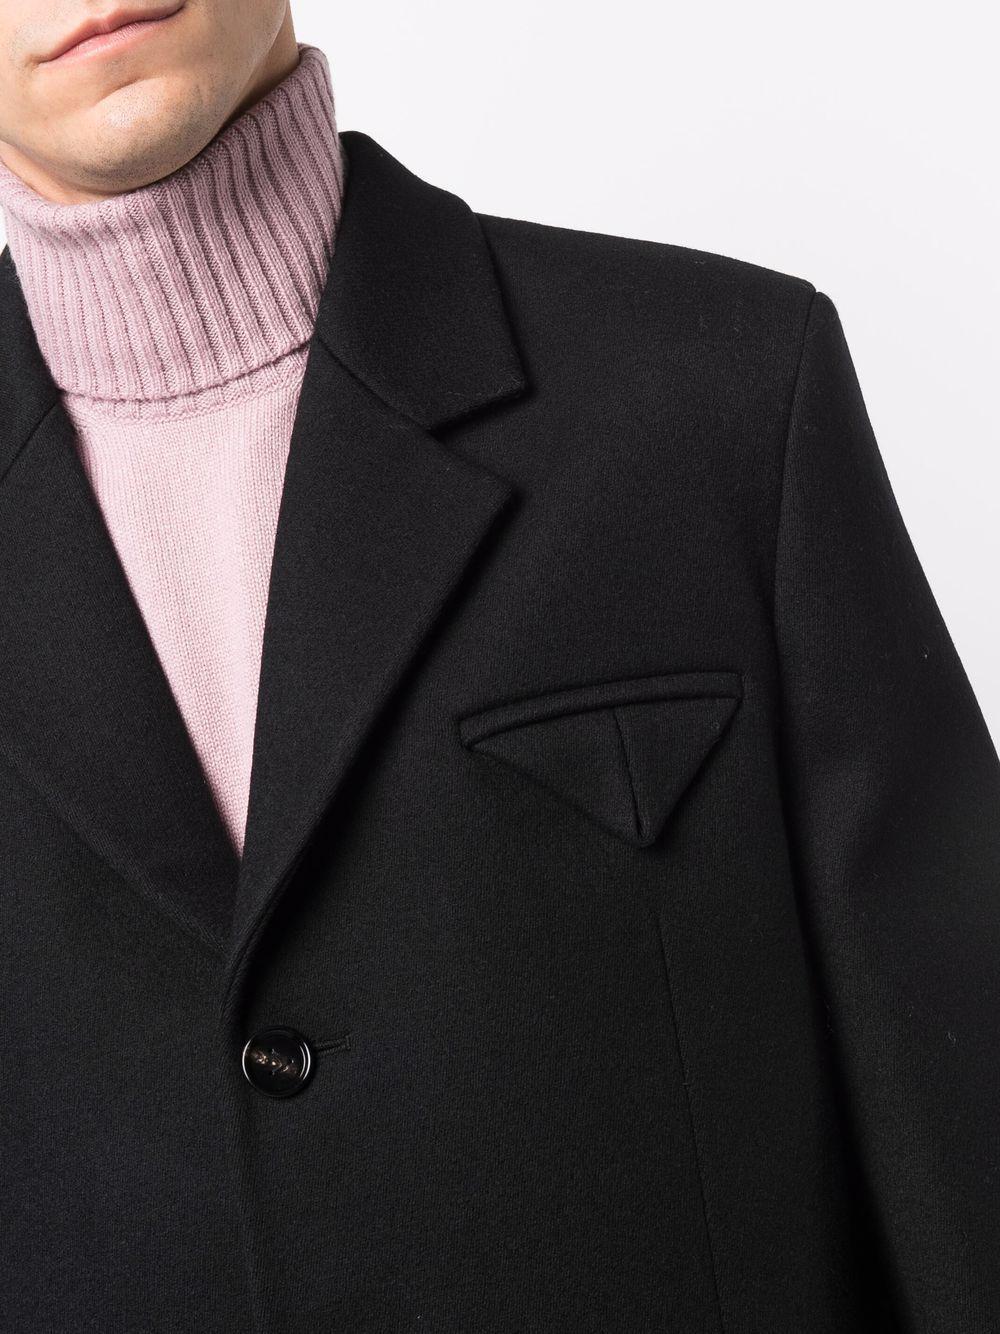 Cappotto in lana - Bottega Veneta